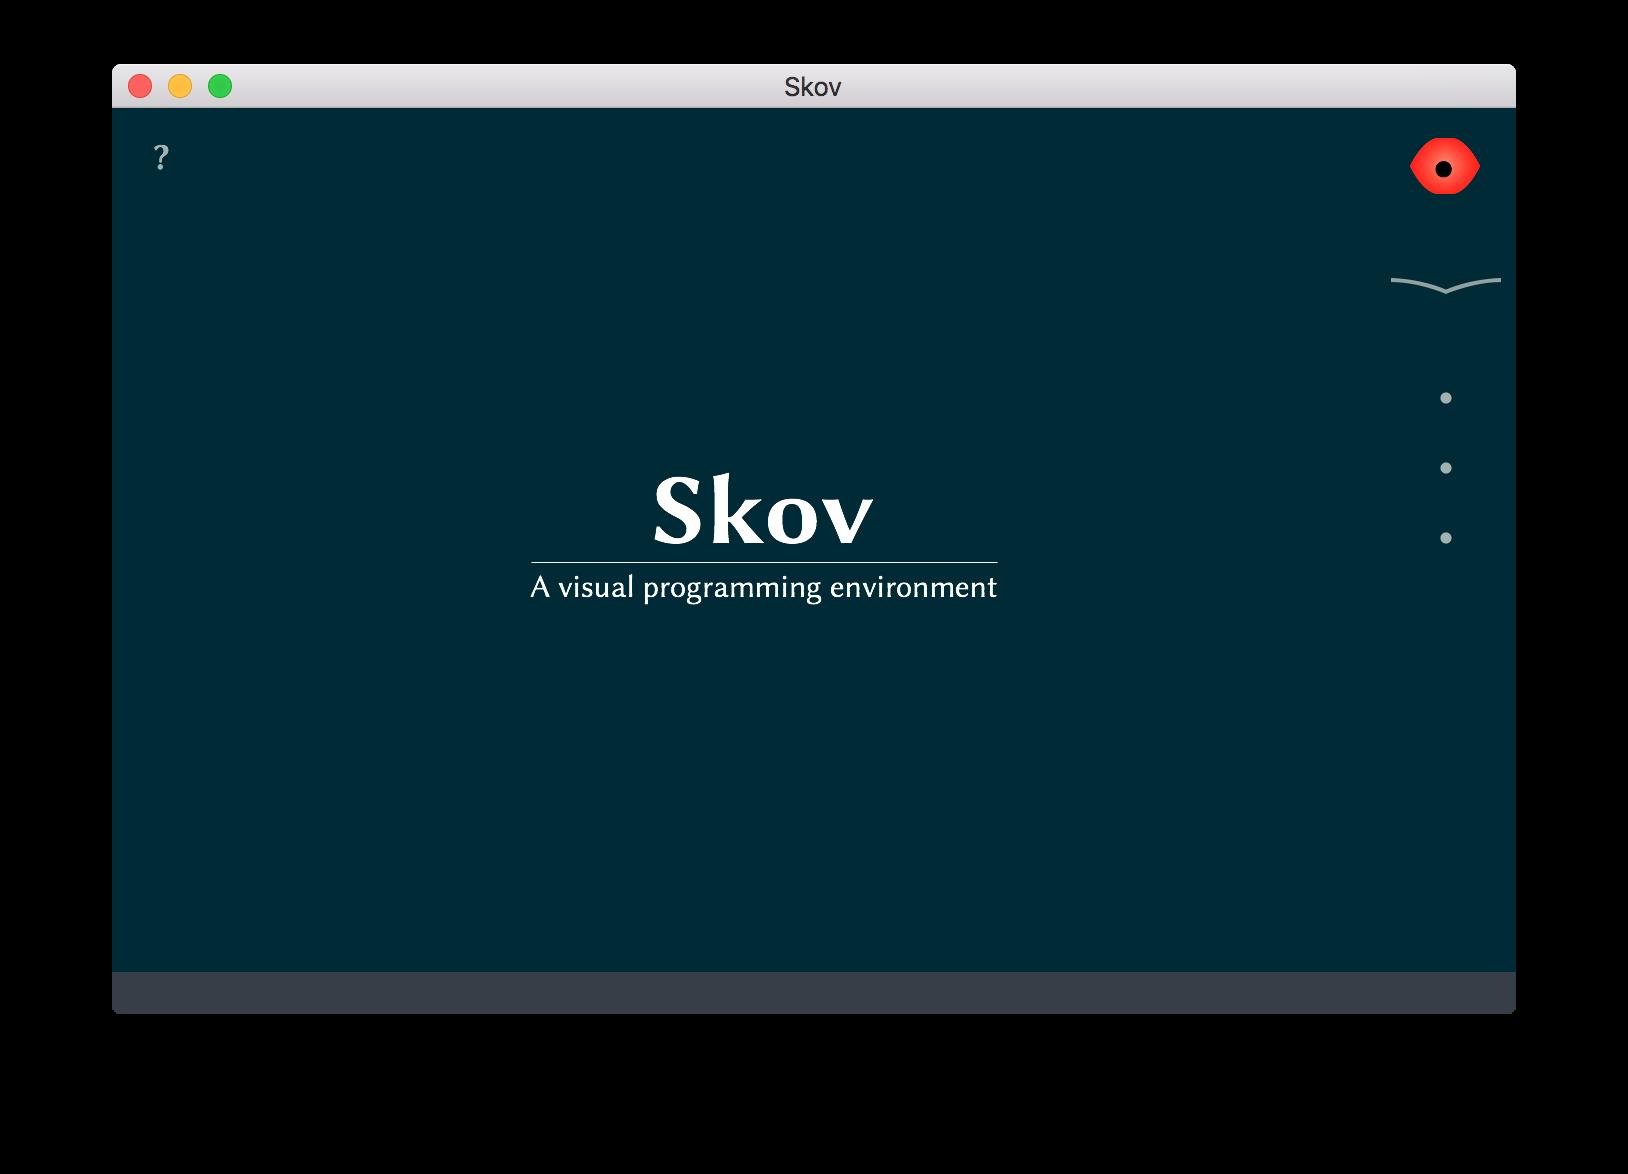 可视化编程环境                                              Skov